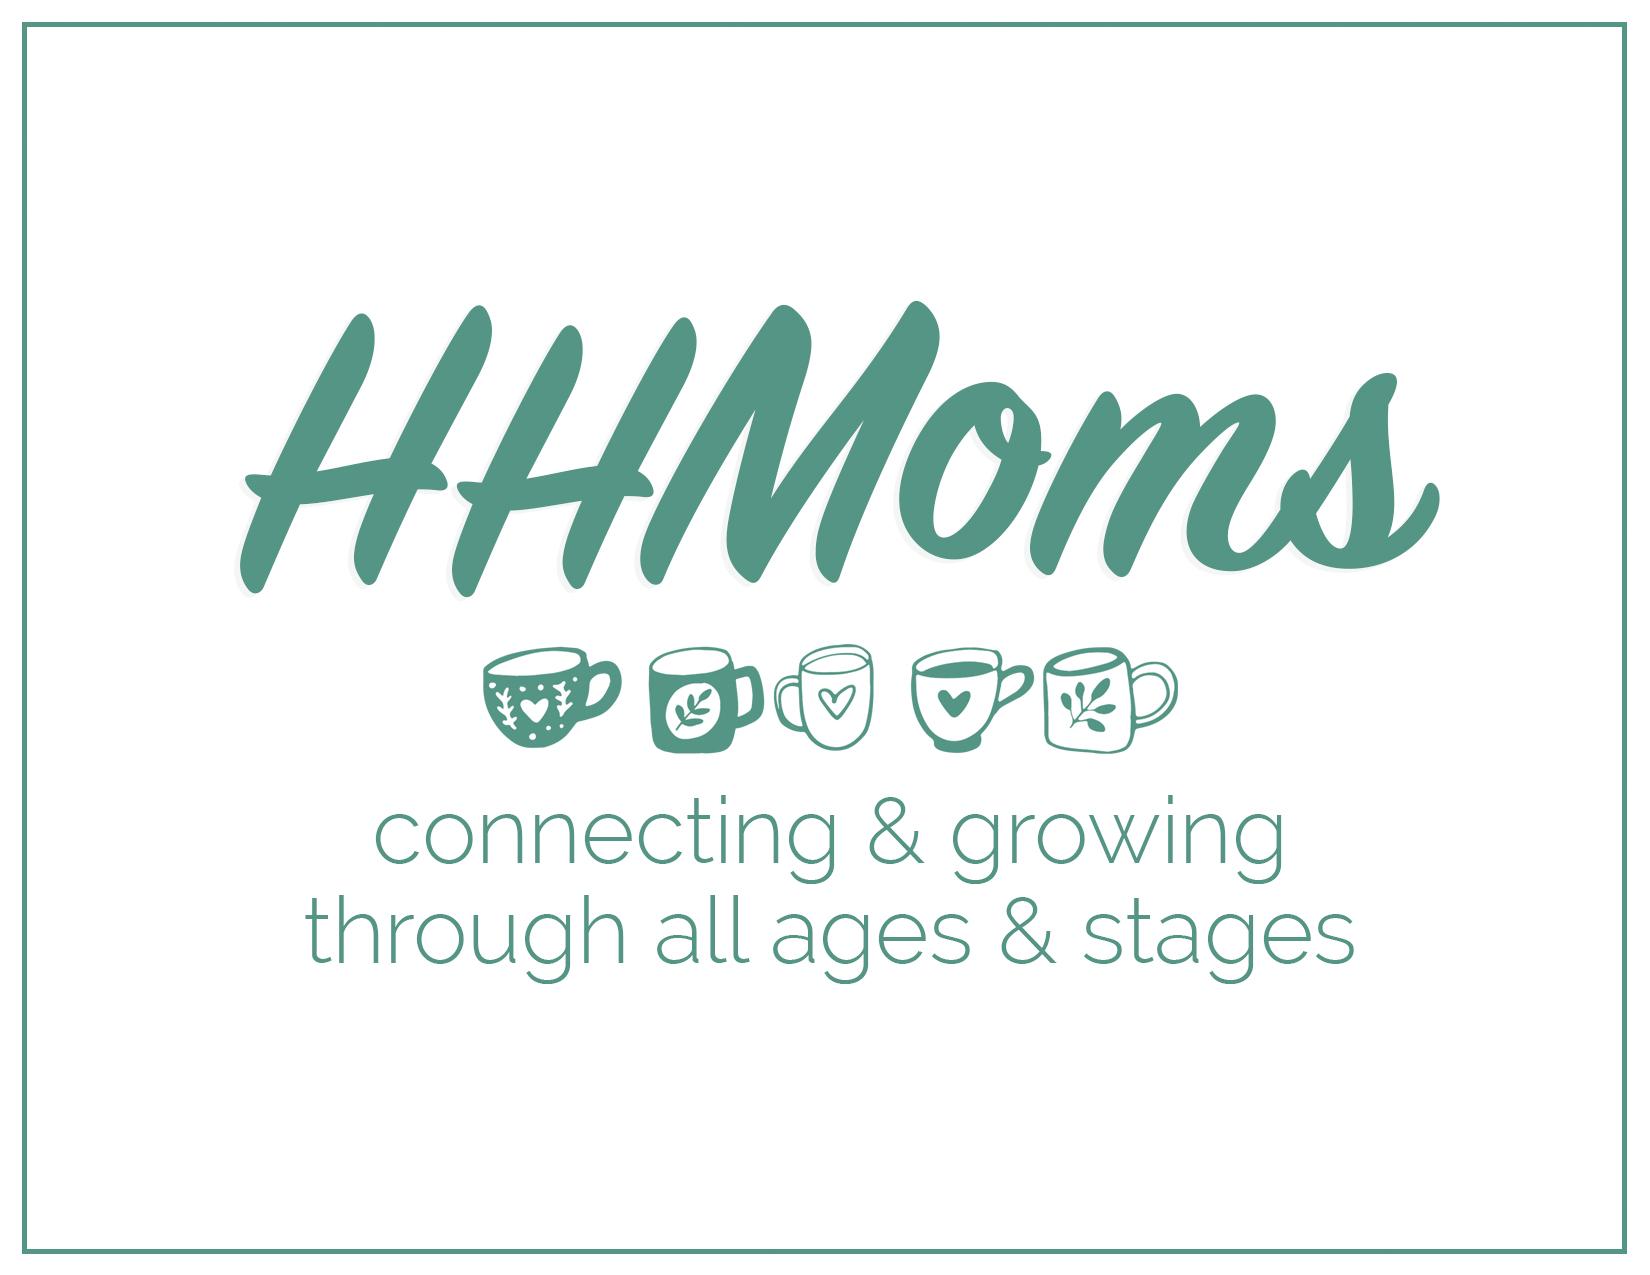 HHMoms Card.jpg